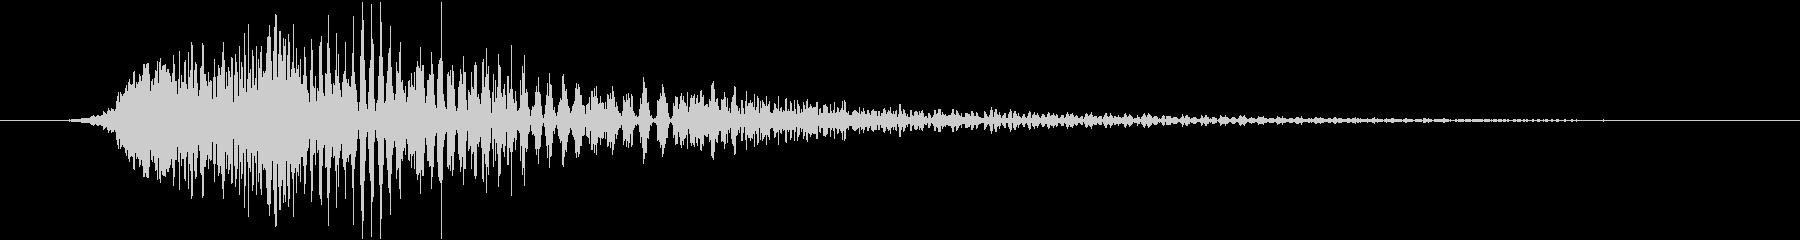 音響処理を意識した短い効果音です。の未再生の波形